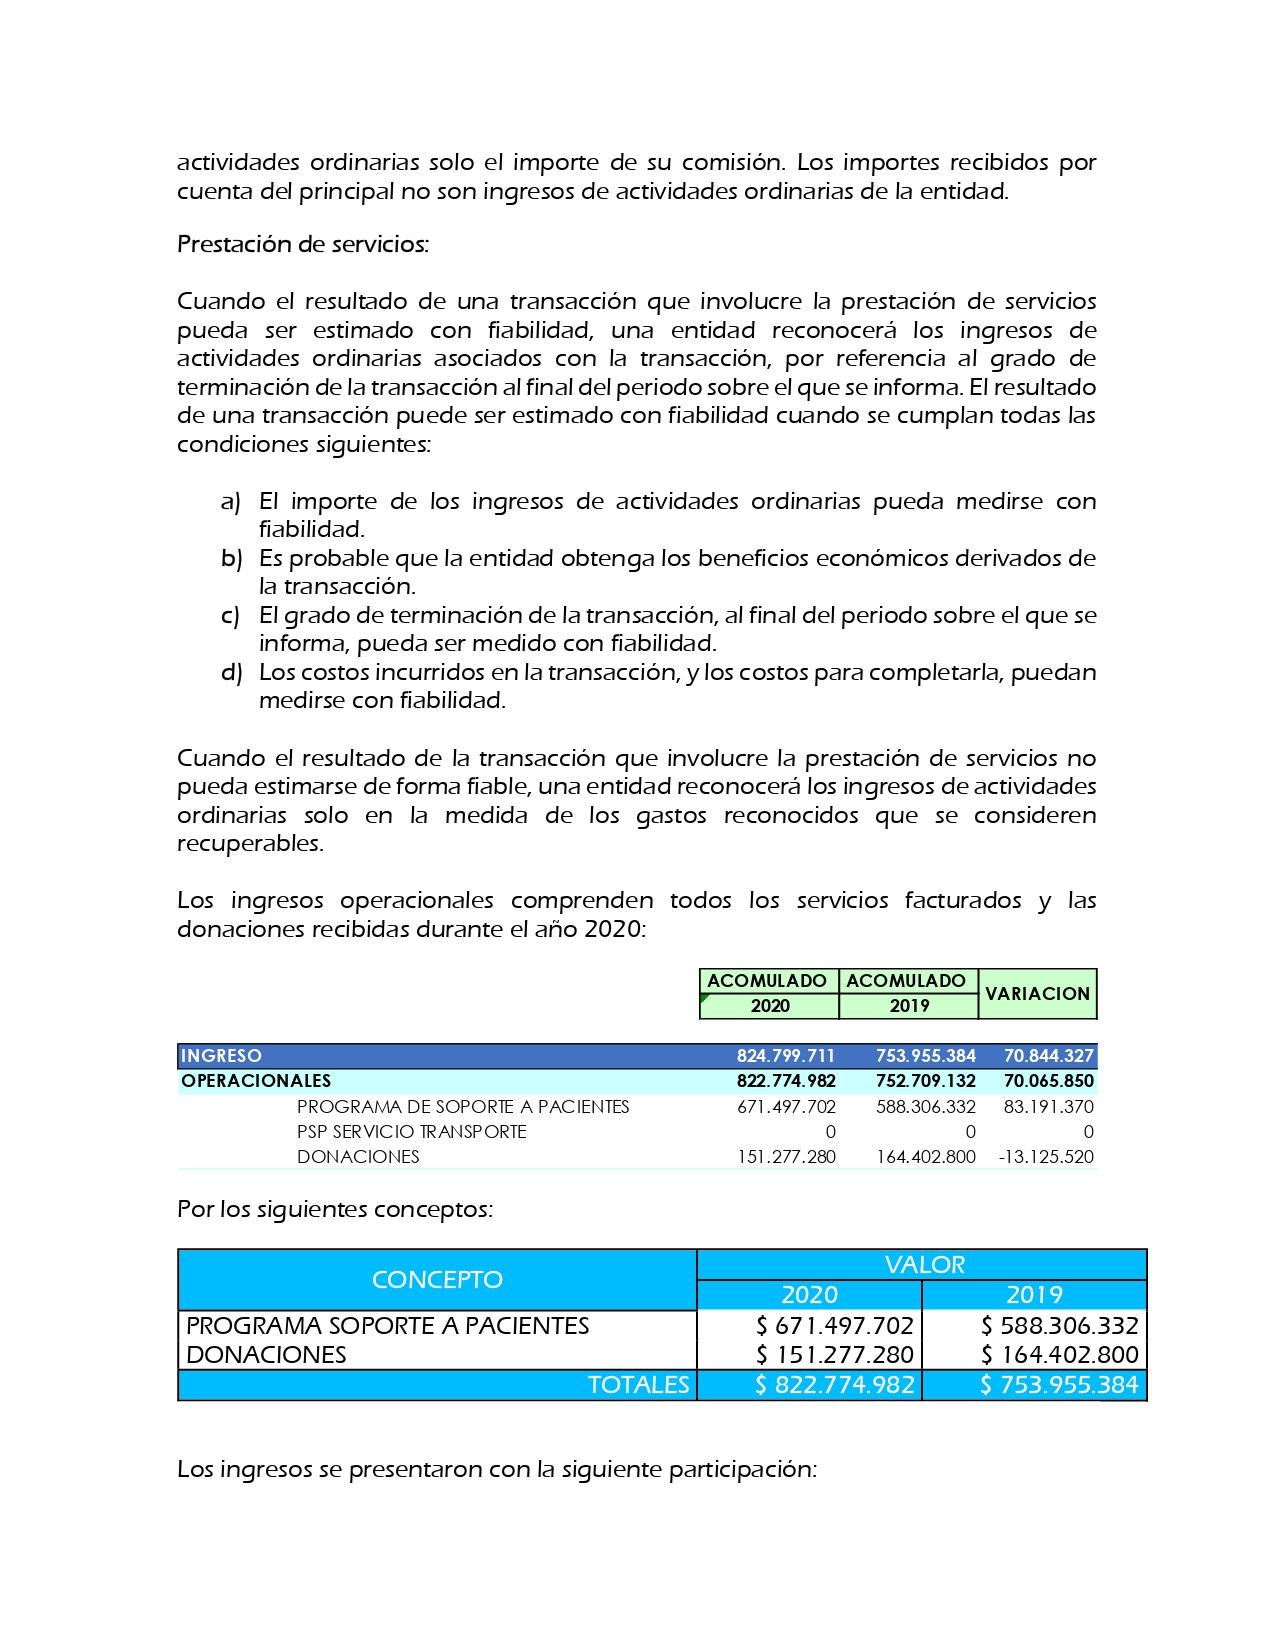 Estados Financieros Fundacion Fundem 2020_page-0031